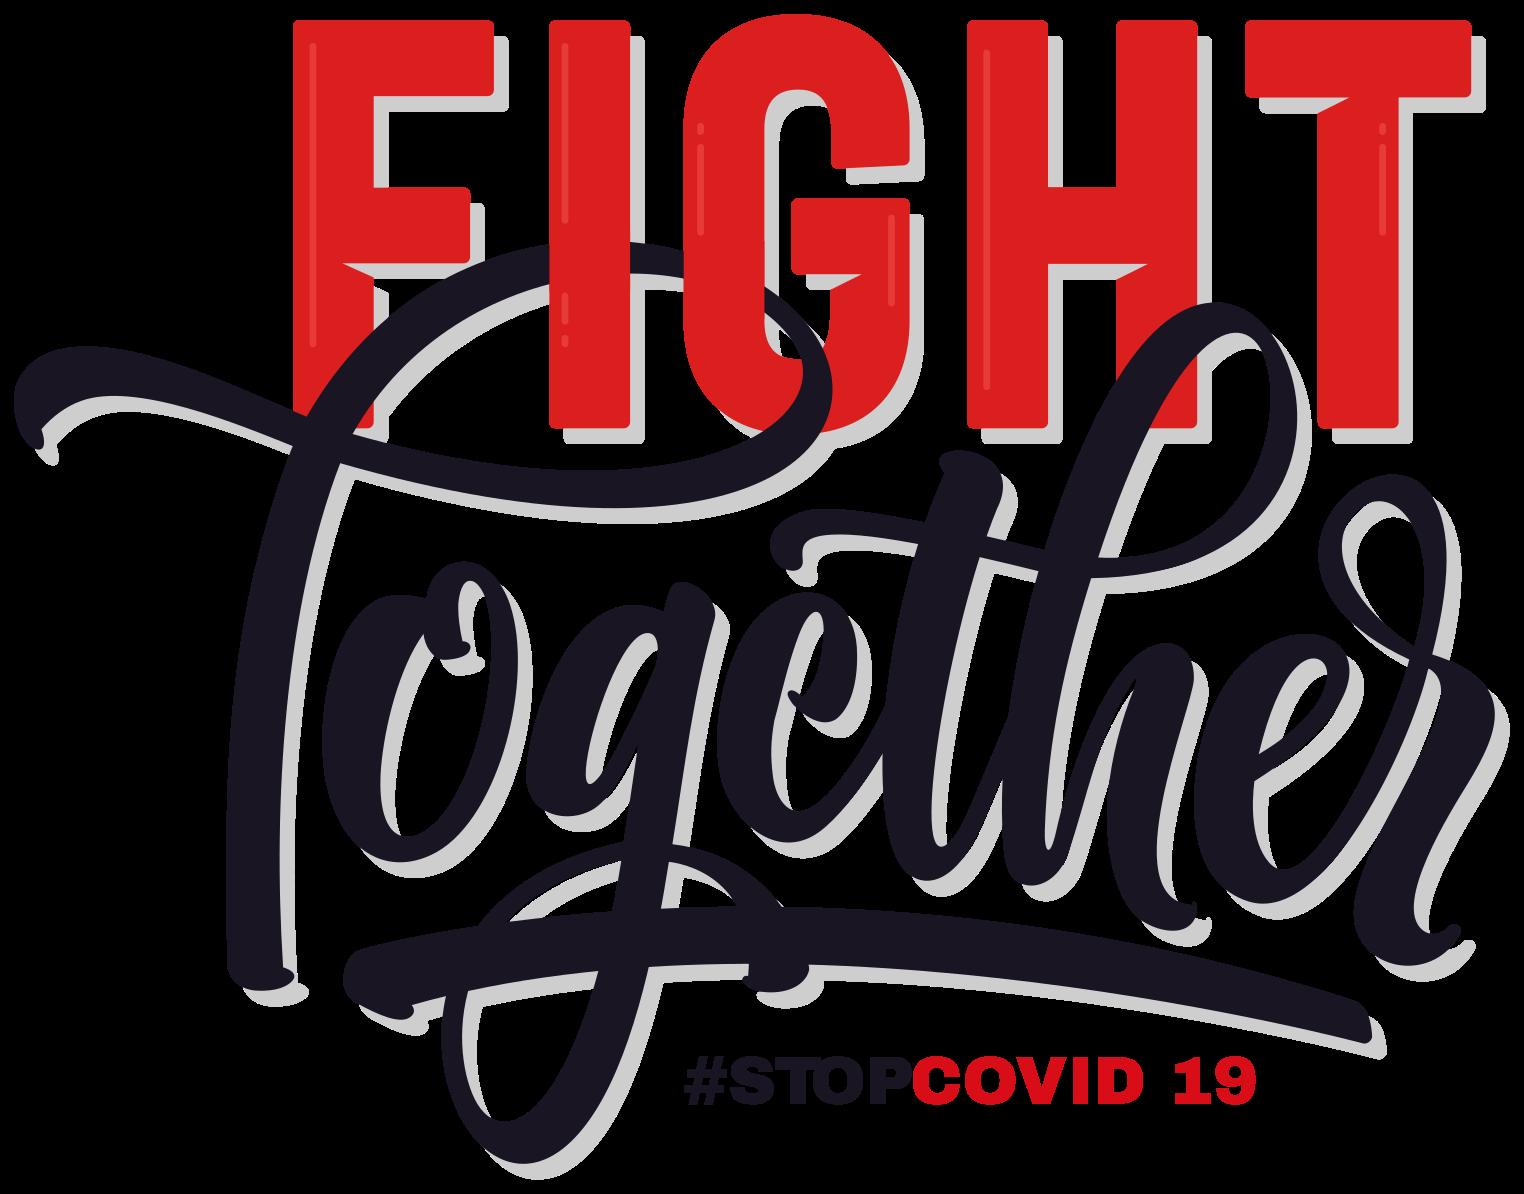 TENSTICKERS. 一緒にコロナテキスト壁デカール. Covid 19サインビニールテキストデカール。選択した任意のフラットスペースに配置して、covid 19の認知度を高めることができます。それは「一緒にコロナと戦う」と書かれています。